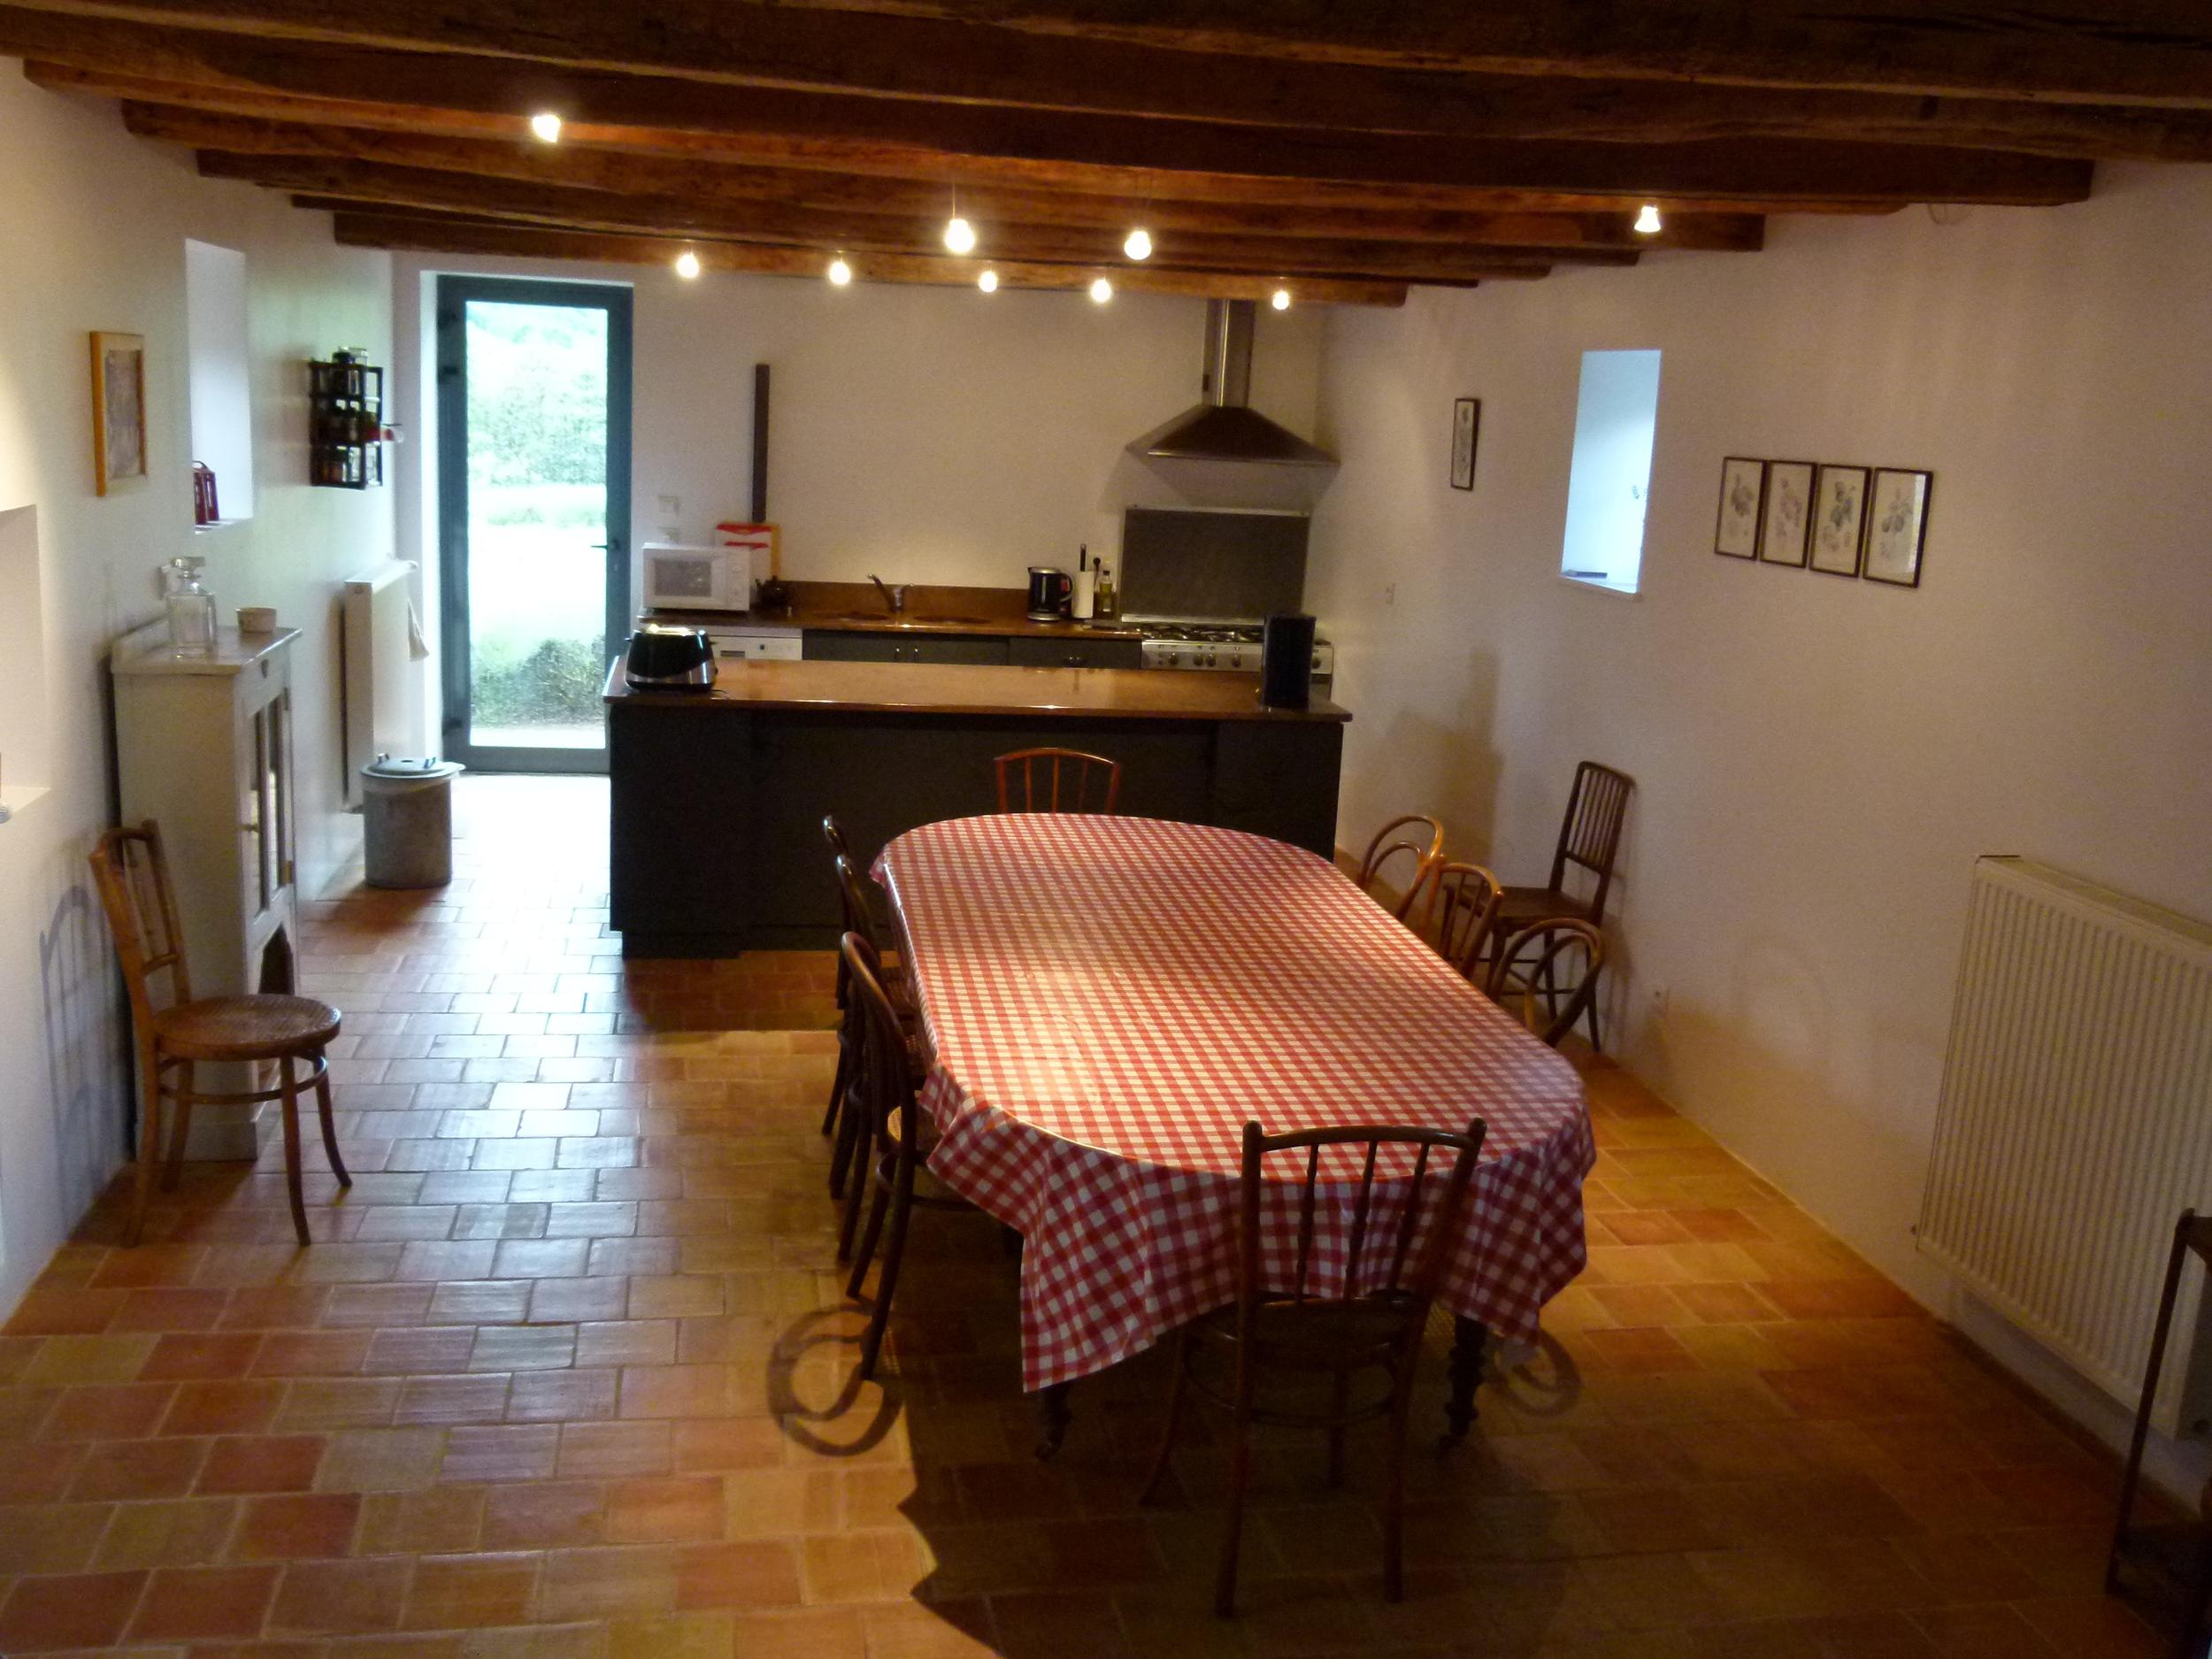 The kitchen at La Roche